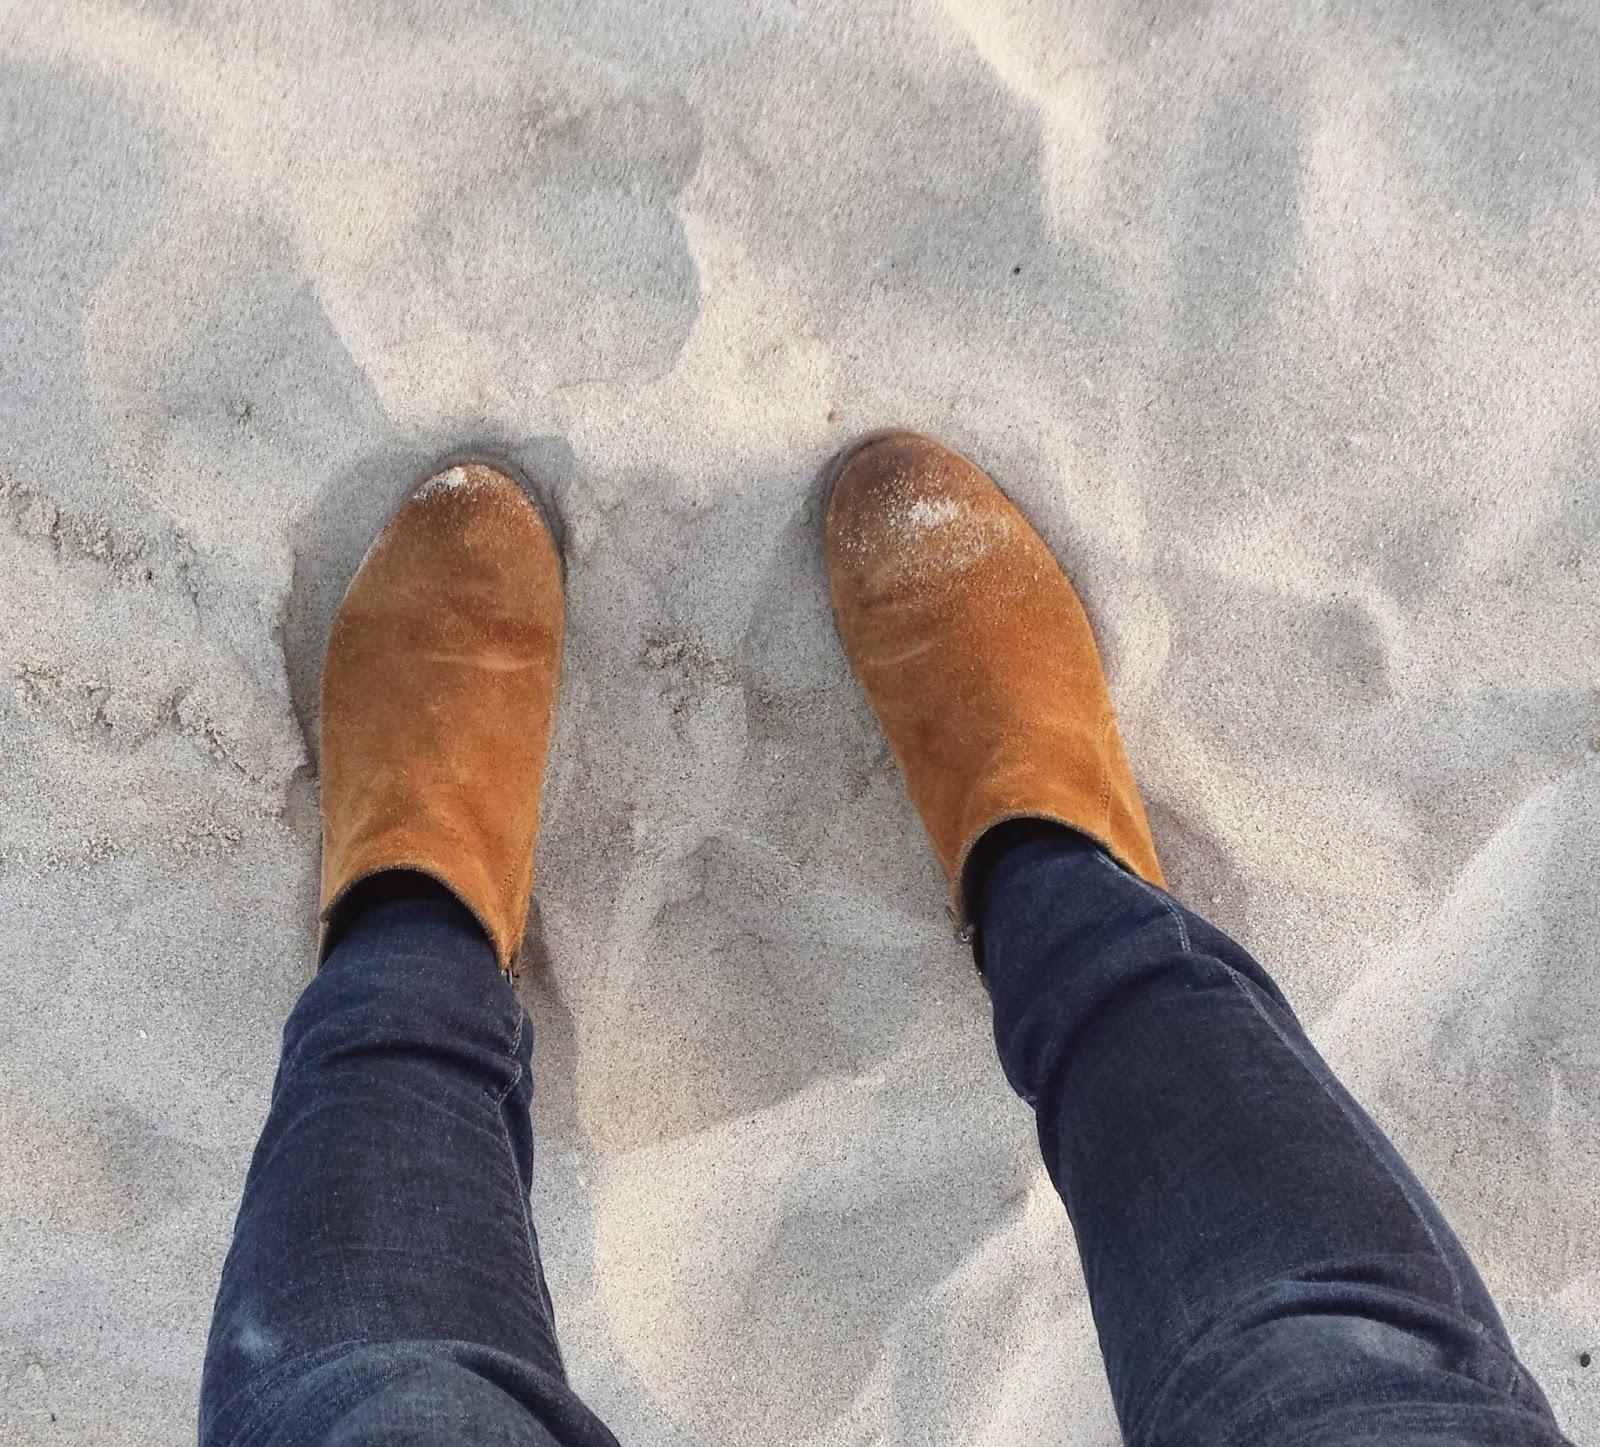 12a36be7c9f73 Vida de Mulher aos 40  Pés na areia e olhos no mar